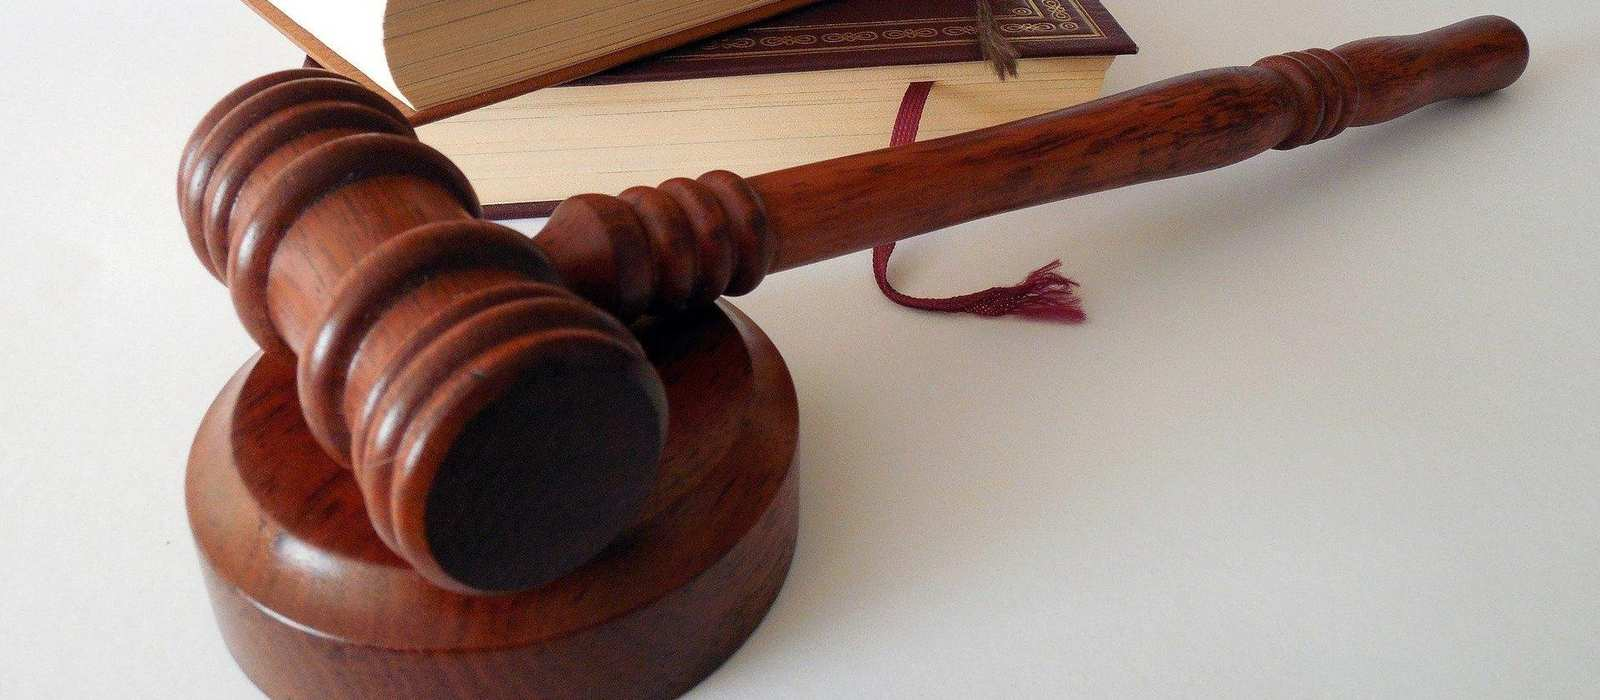 Ein Richterhammer und ein Gesetzbuch.